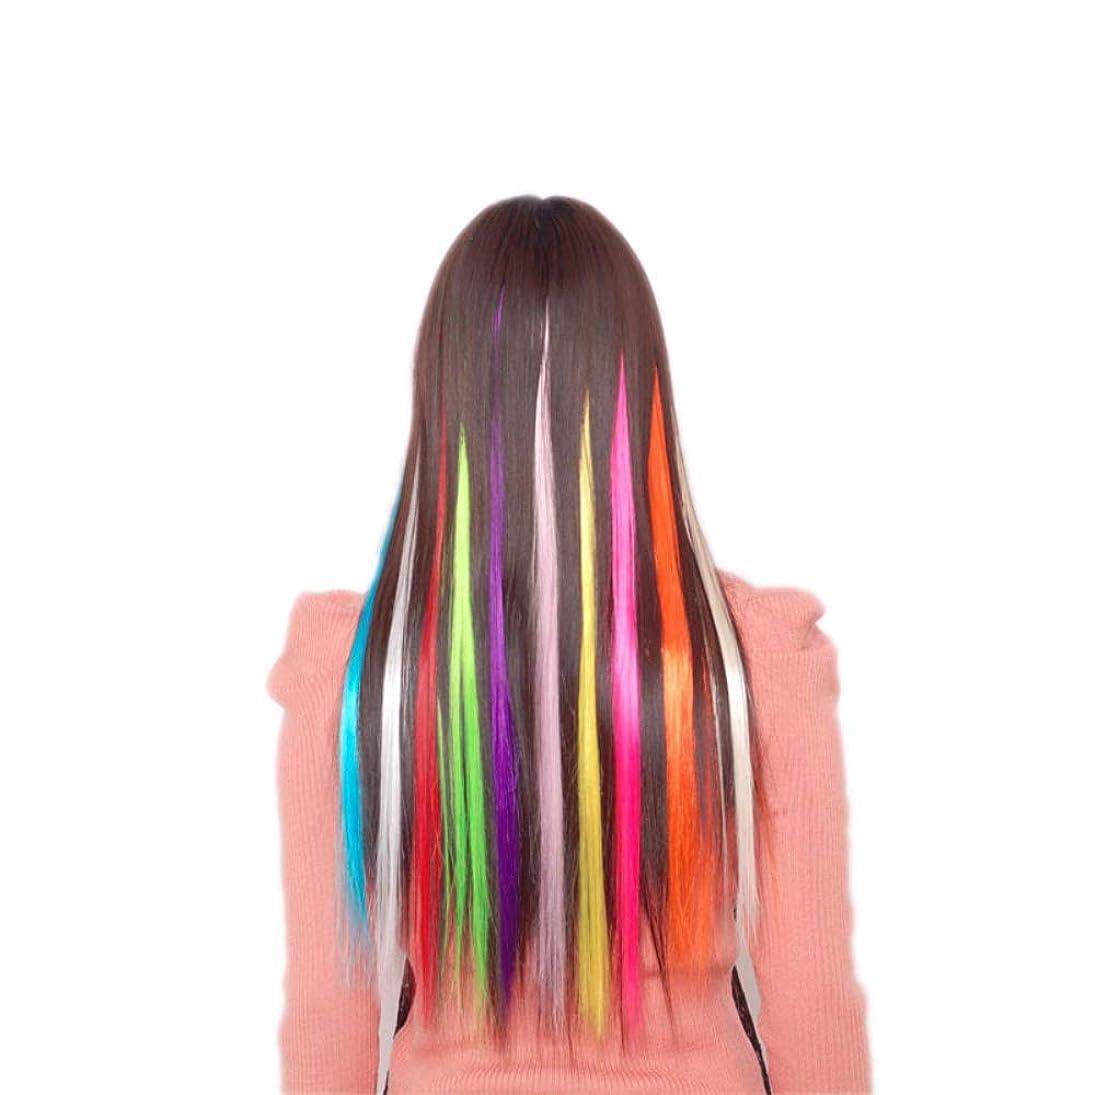 葬儀代わりにトラクターBLUCE&GRACE 全36色 カラーエクステ グラデーションカラー ウィッグ ワンタッチ 取り付け簡単 つけ毛